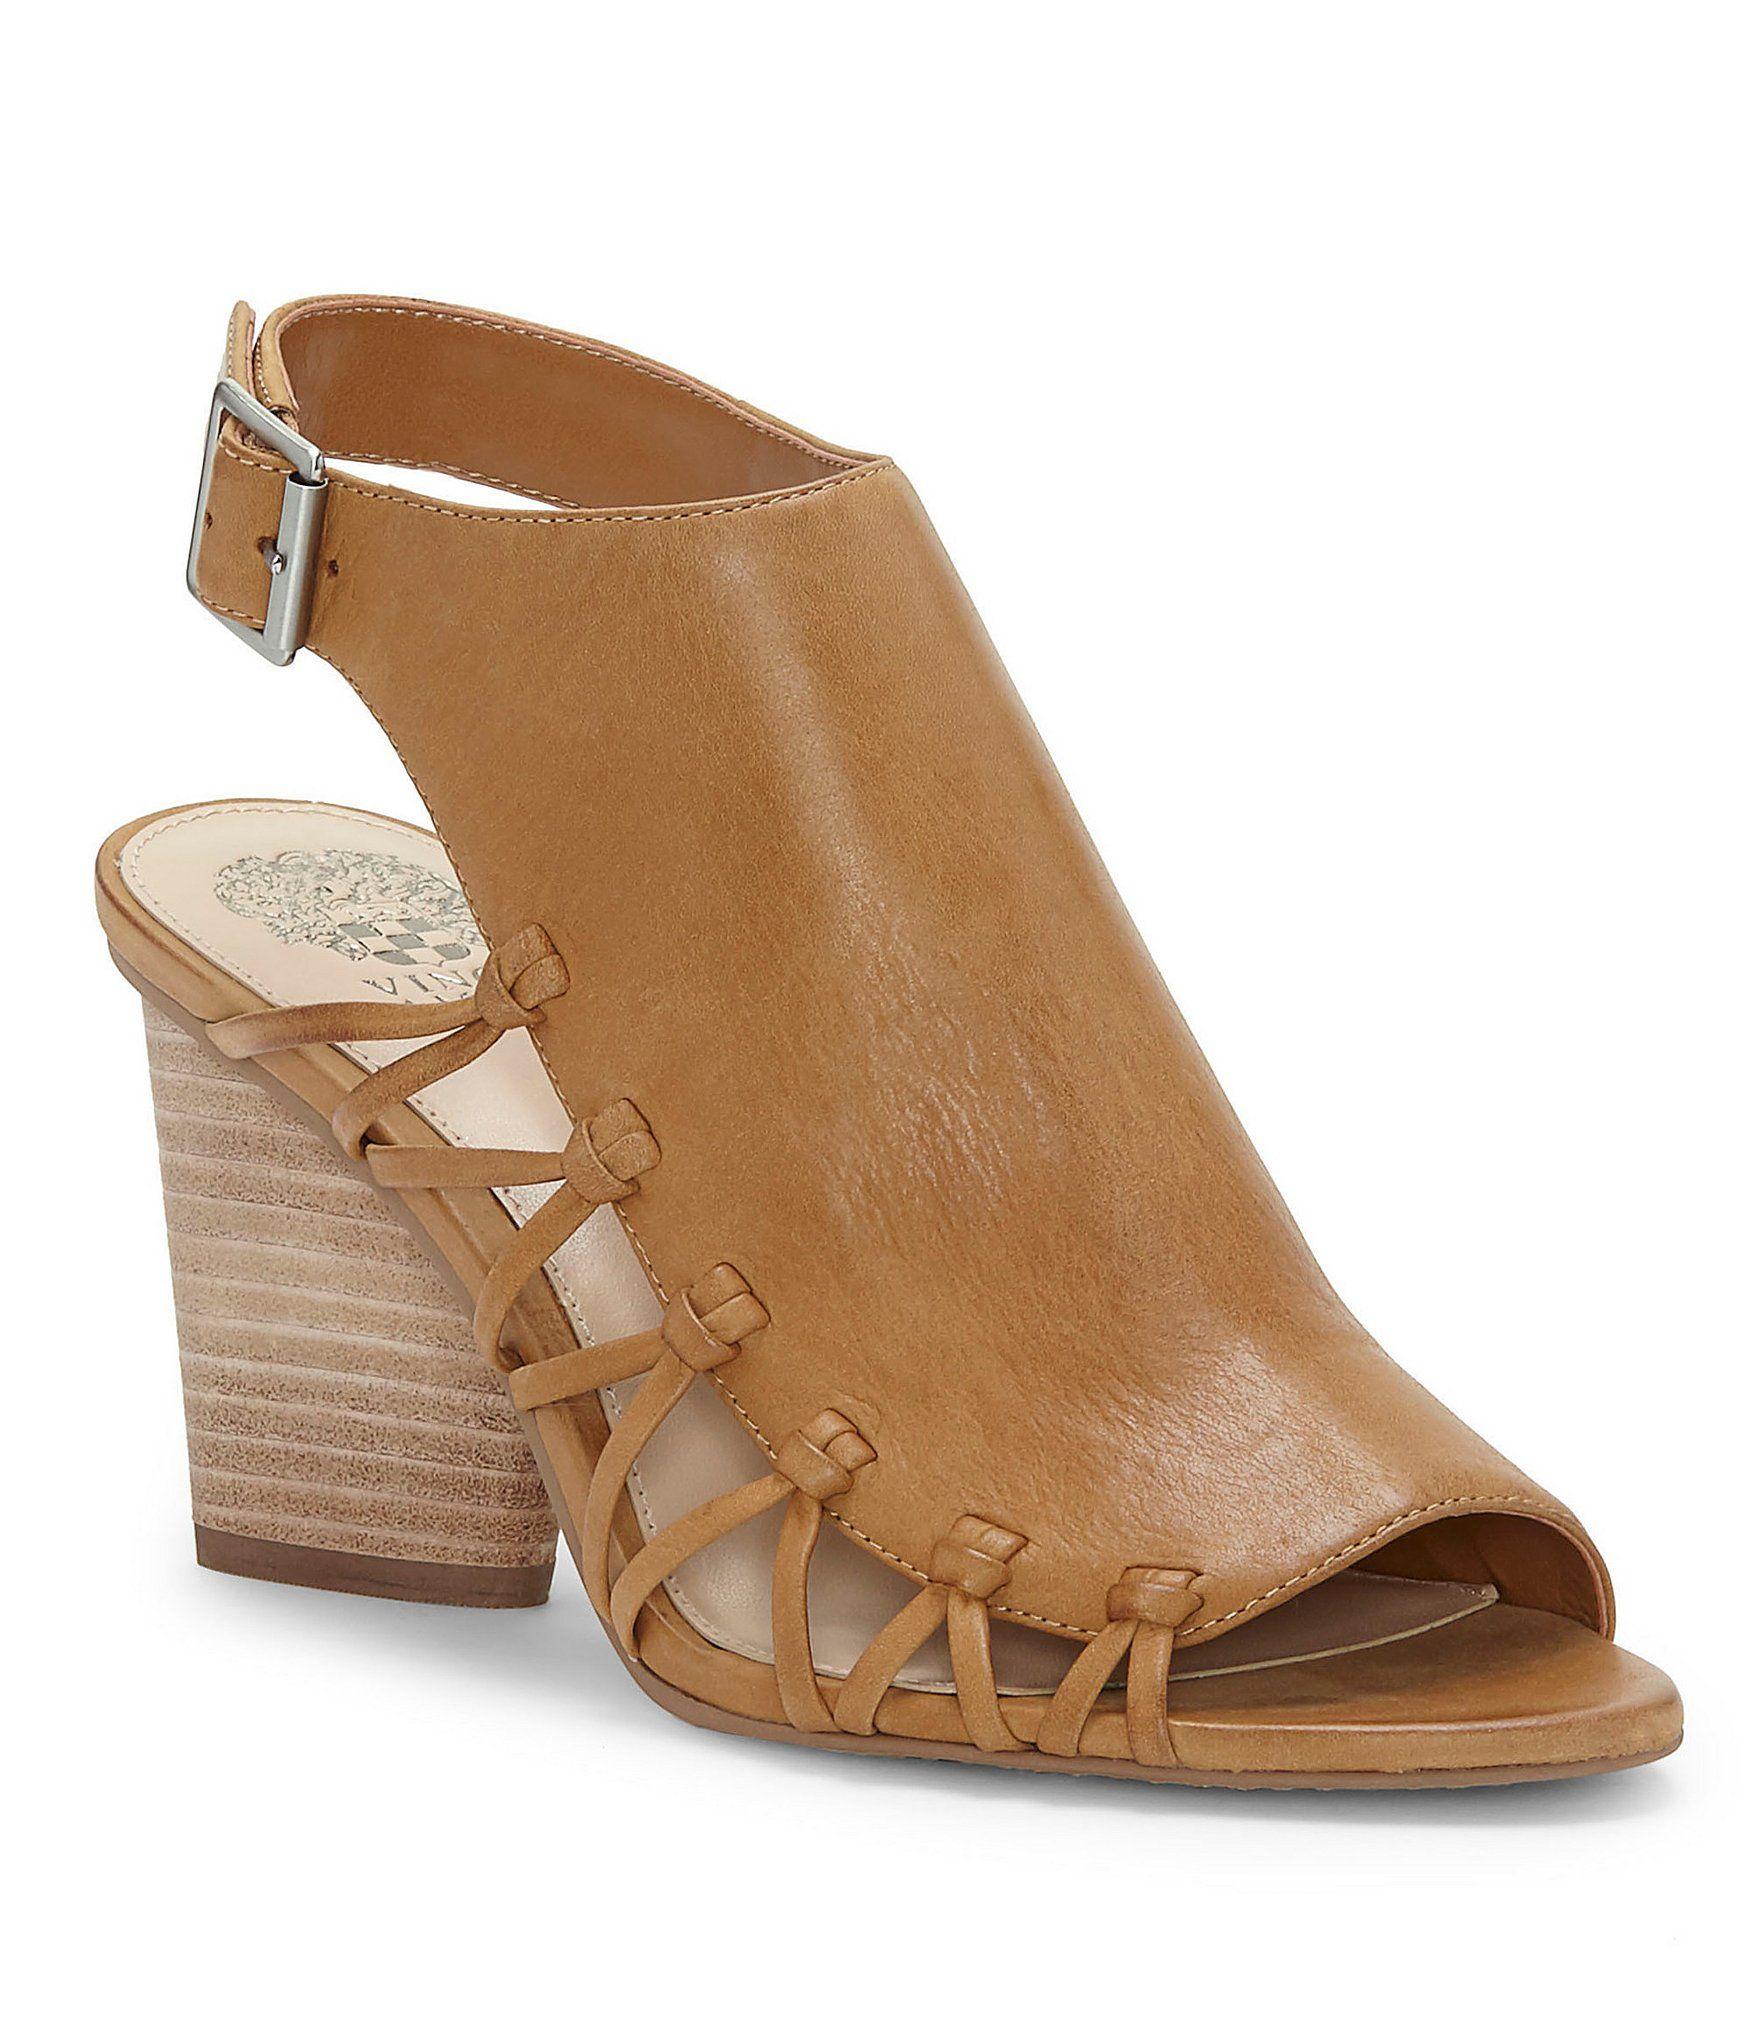 Ankara Side Lattice Block Heel Sandals oGkMSP8V